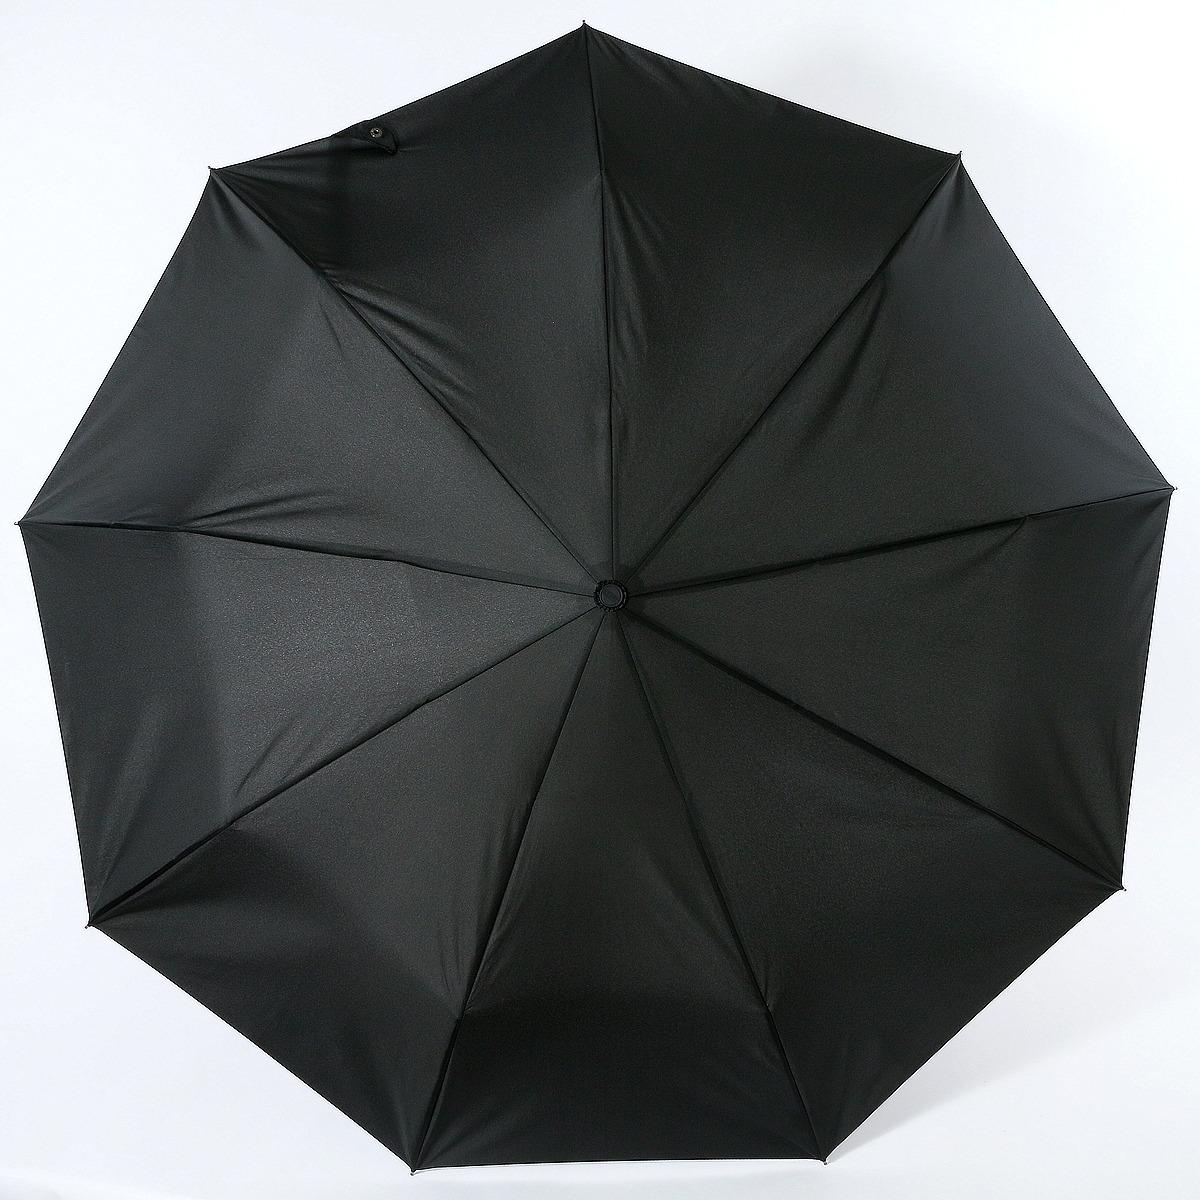 цена Зонт Lamberti 73930, черный в интернет-магазинах